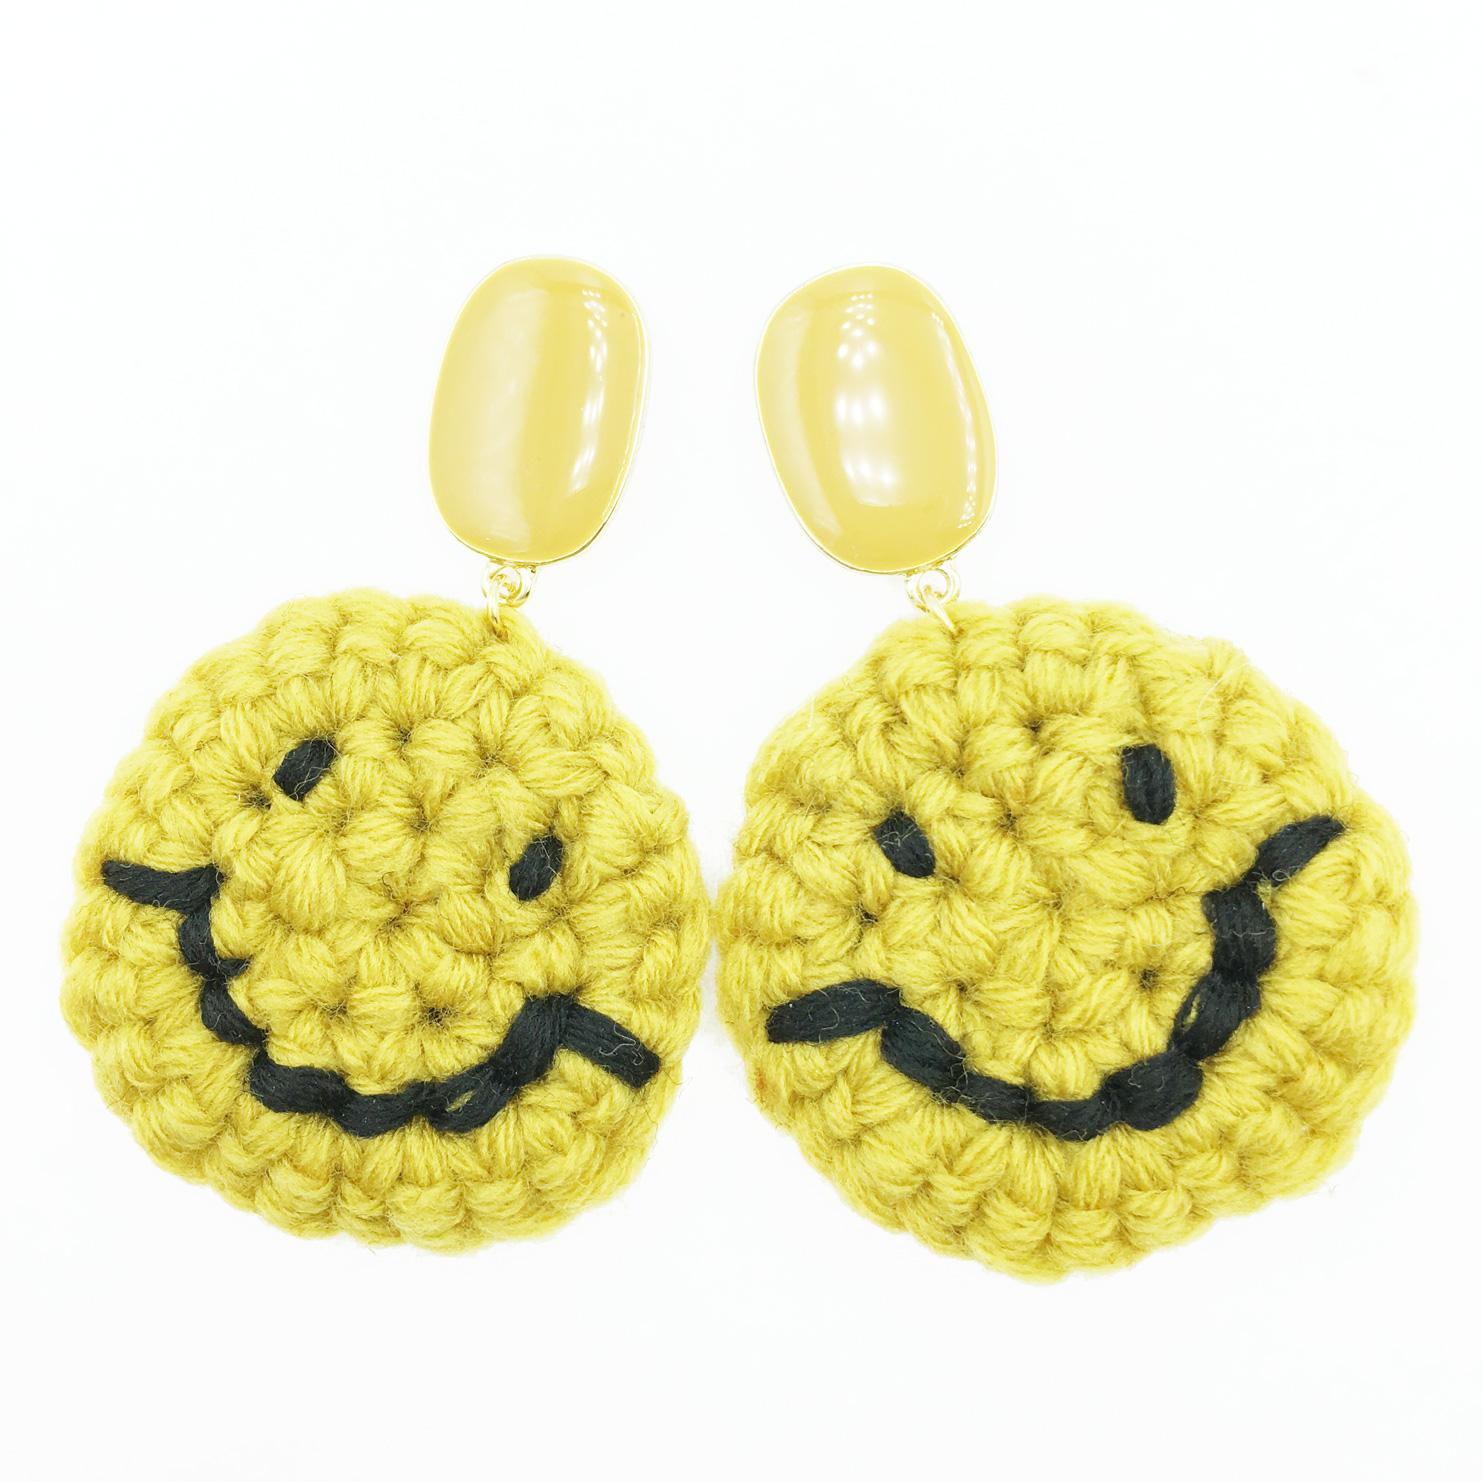 韓國 925純銀 素色橢圓 編織 大笑臉 微笑 垂墜感 耳針式耳環